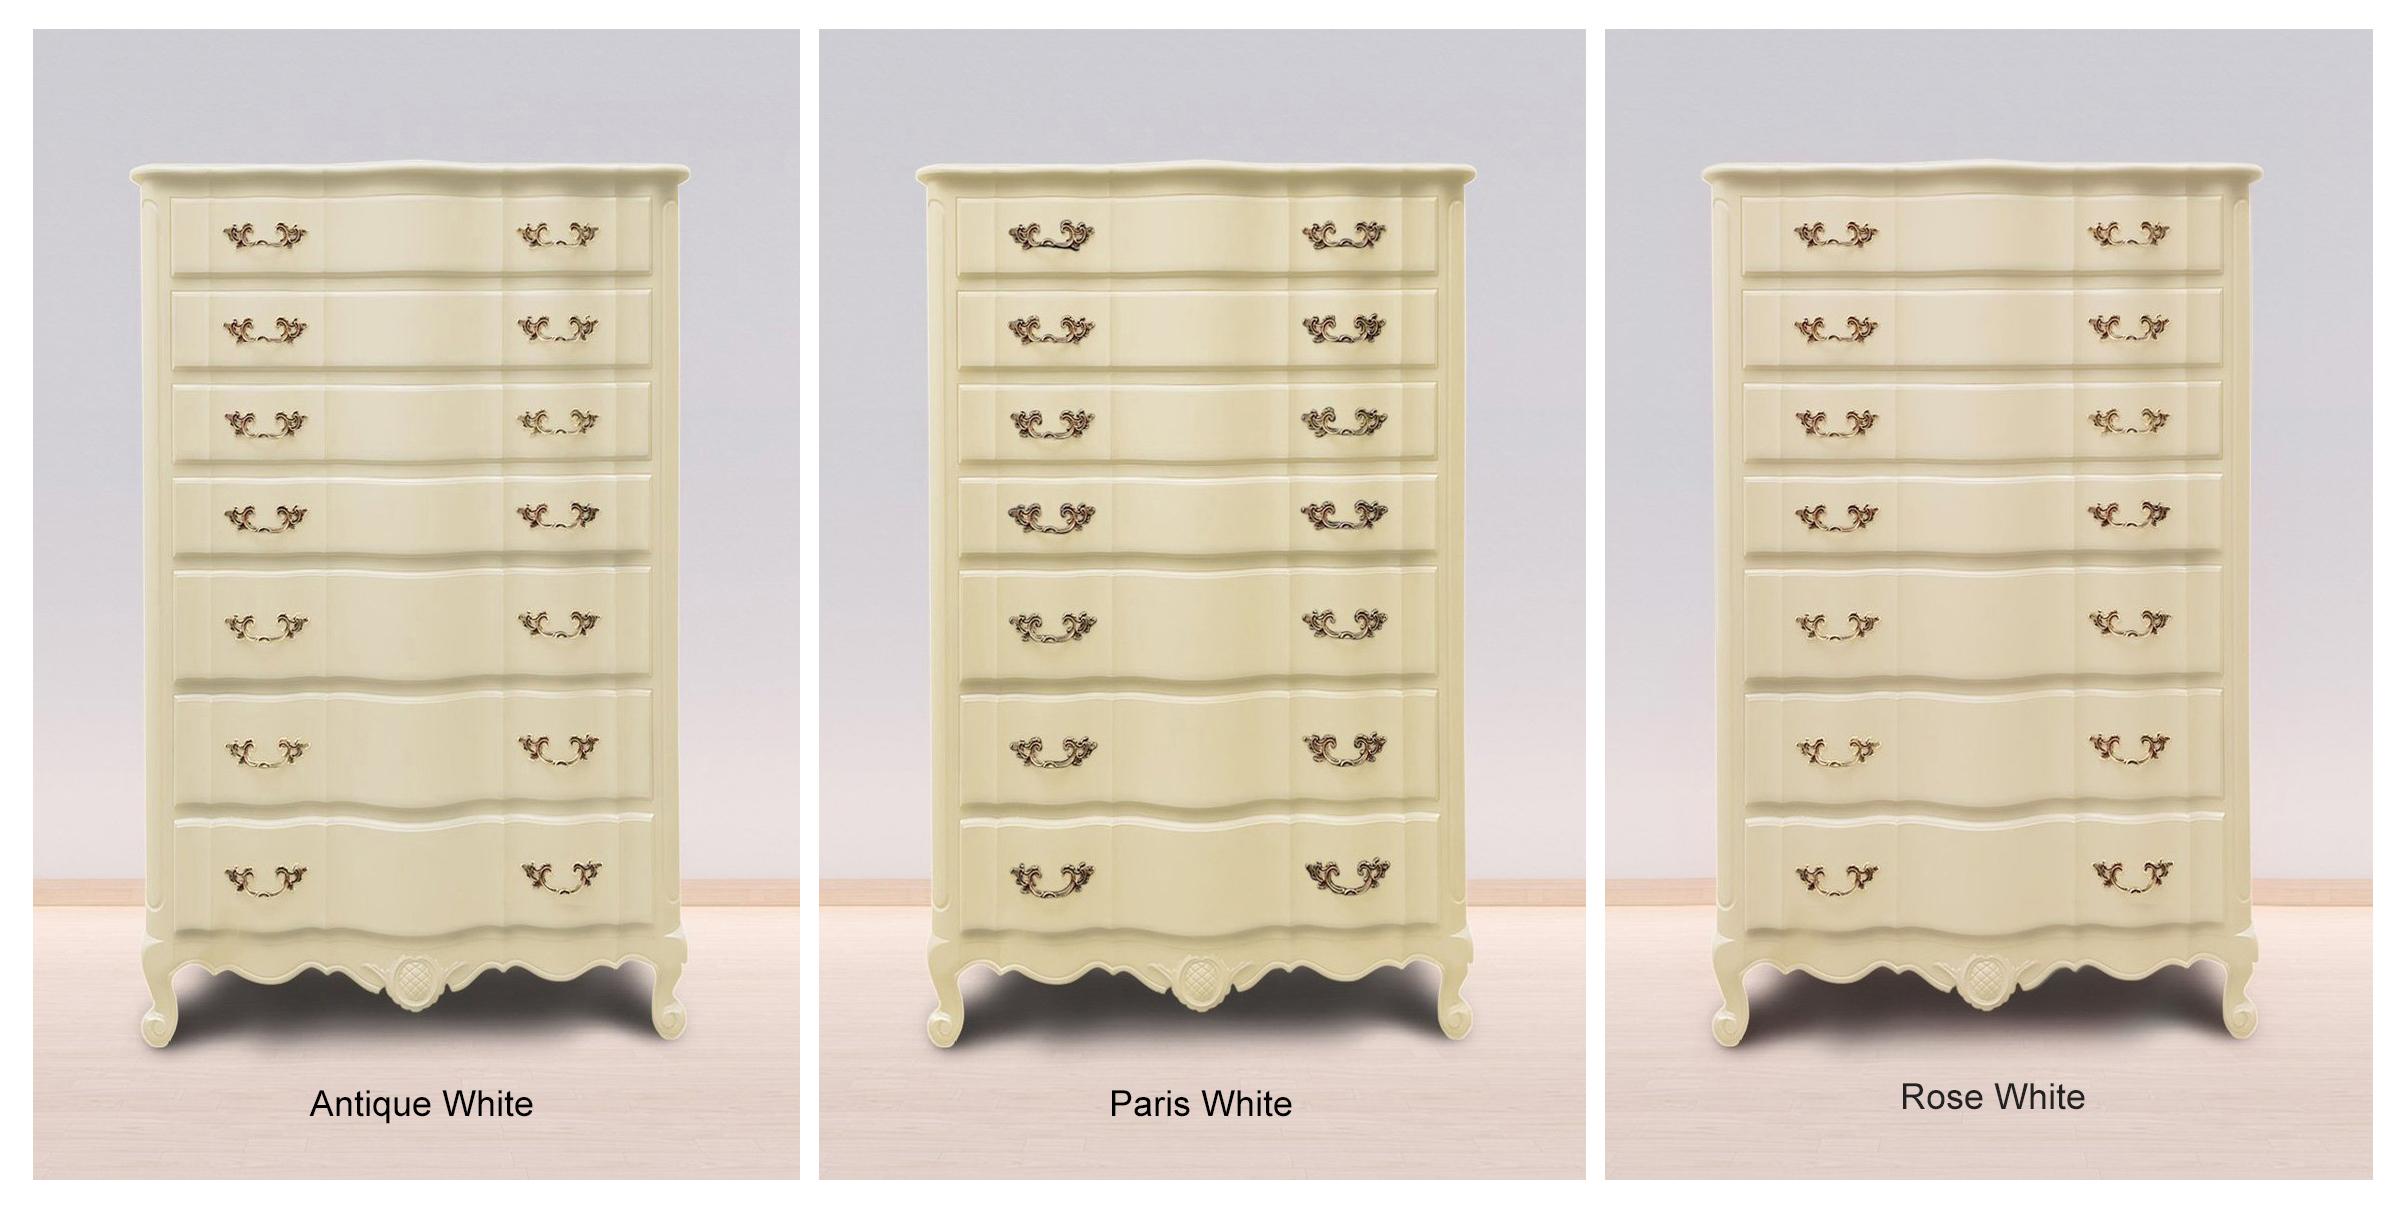 Antique White, Paris White & Rose White